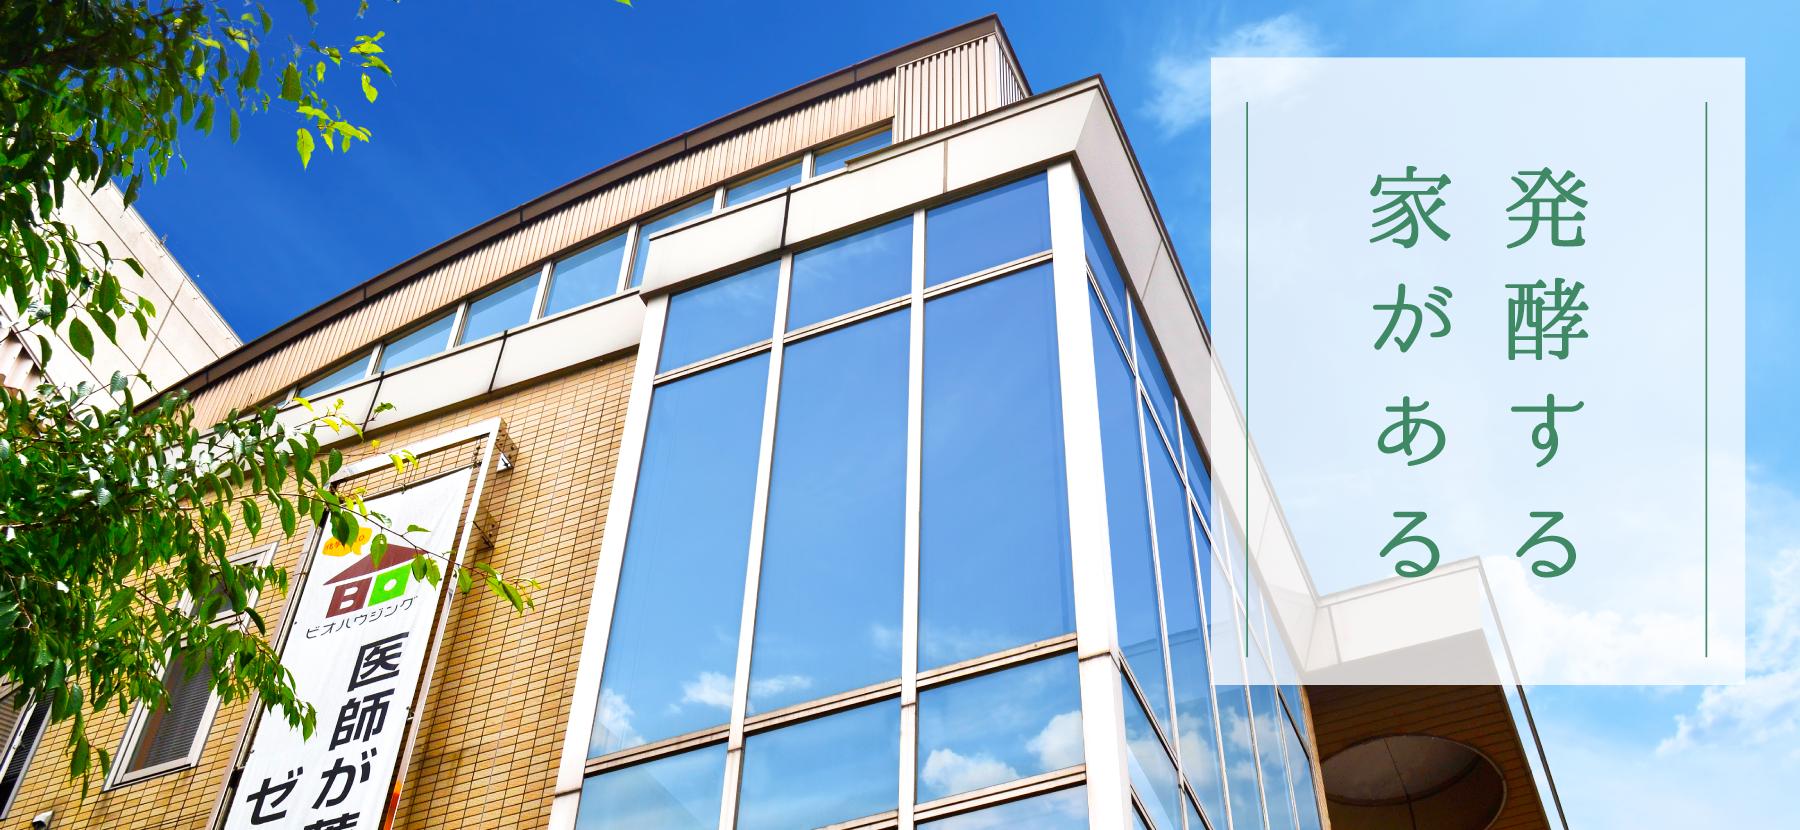 タケモリ一級建築設計事務所 | ビオハウジング | 化学物質過敏症・アレルギー・シックハウスを改善する健康住宅の企業概要メインイメージ